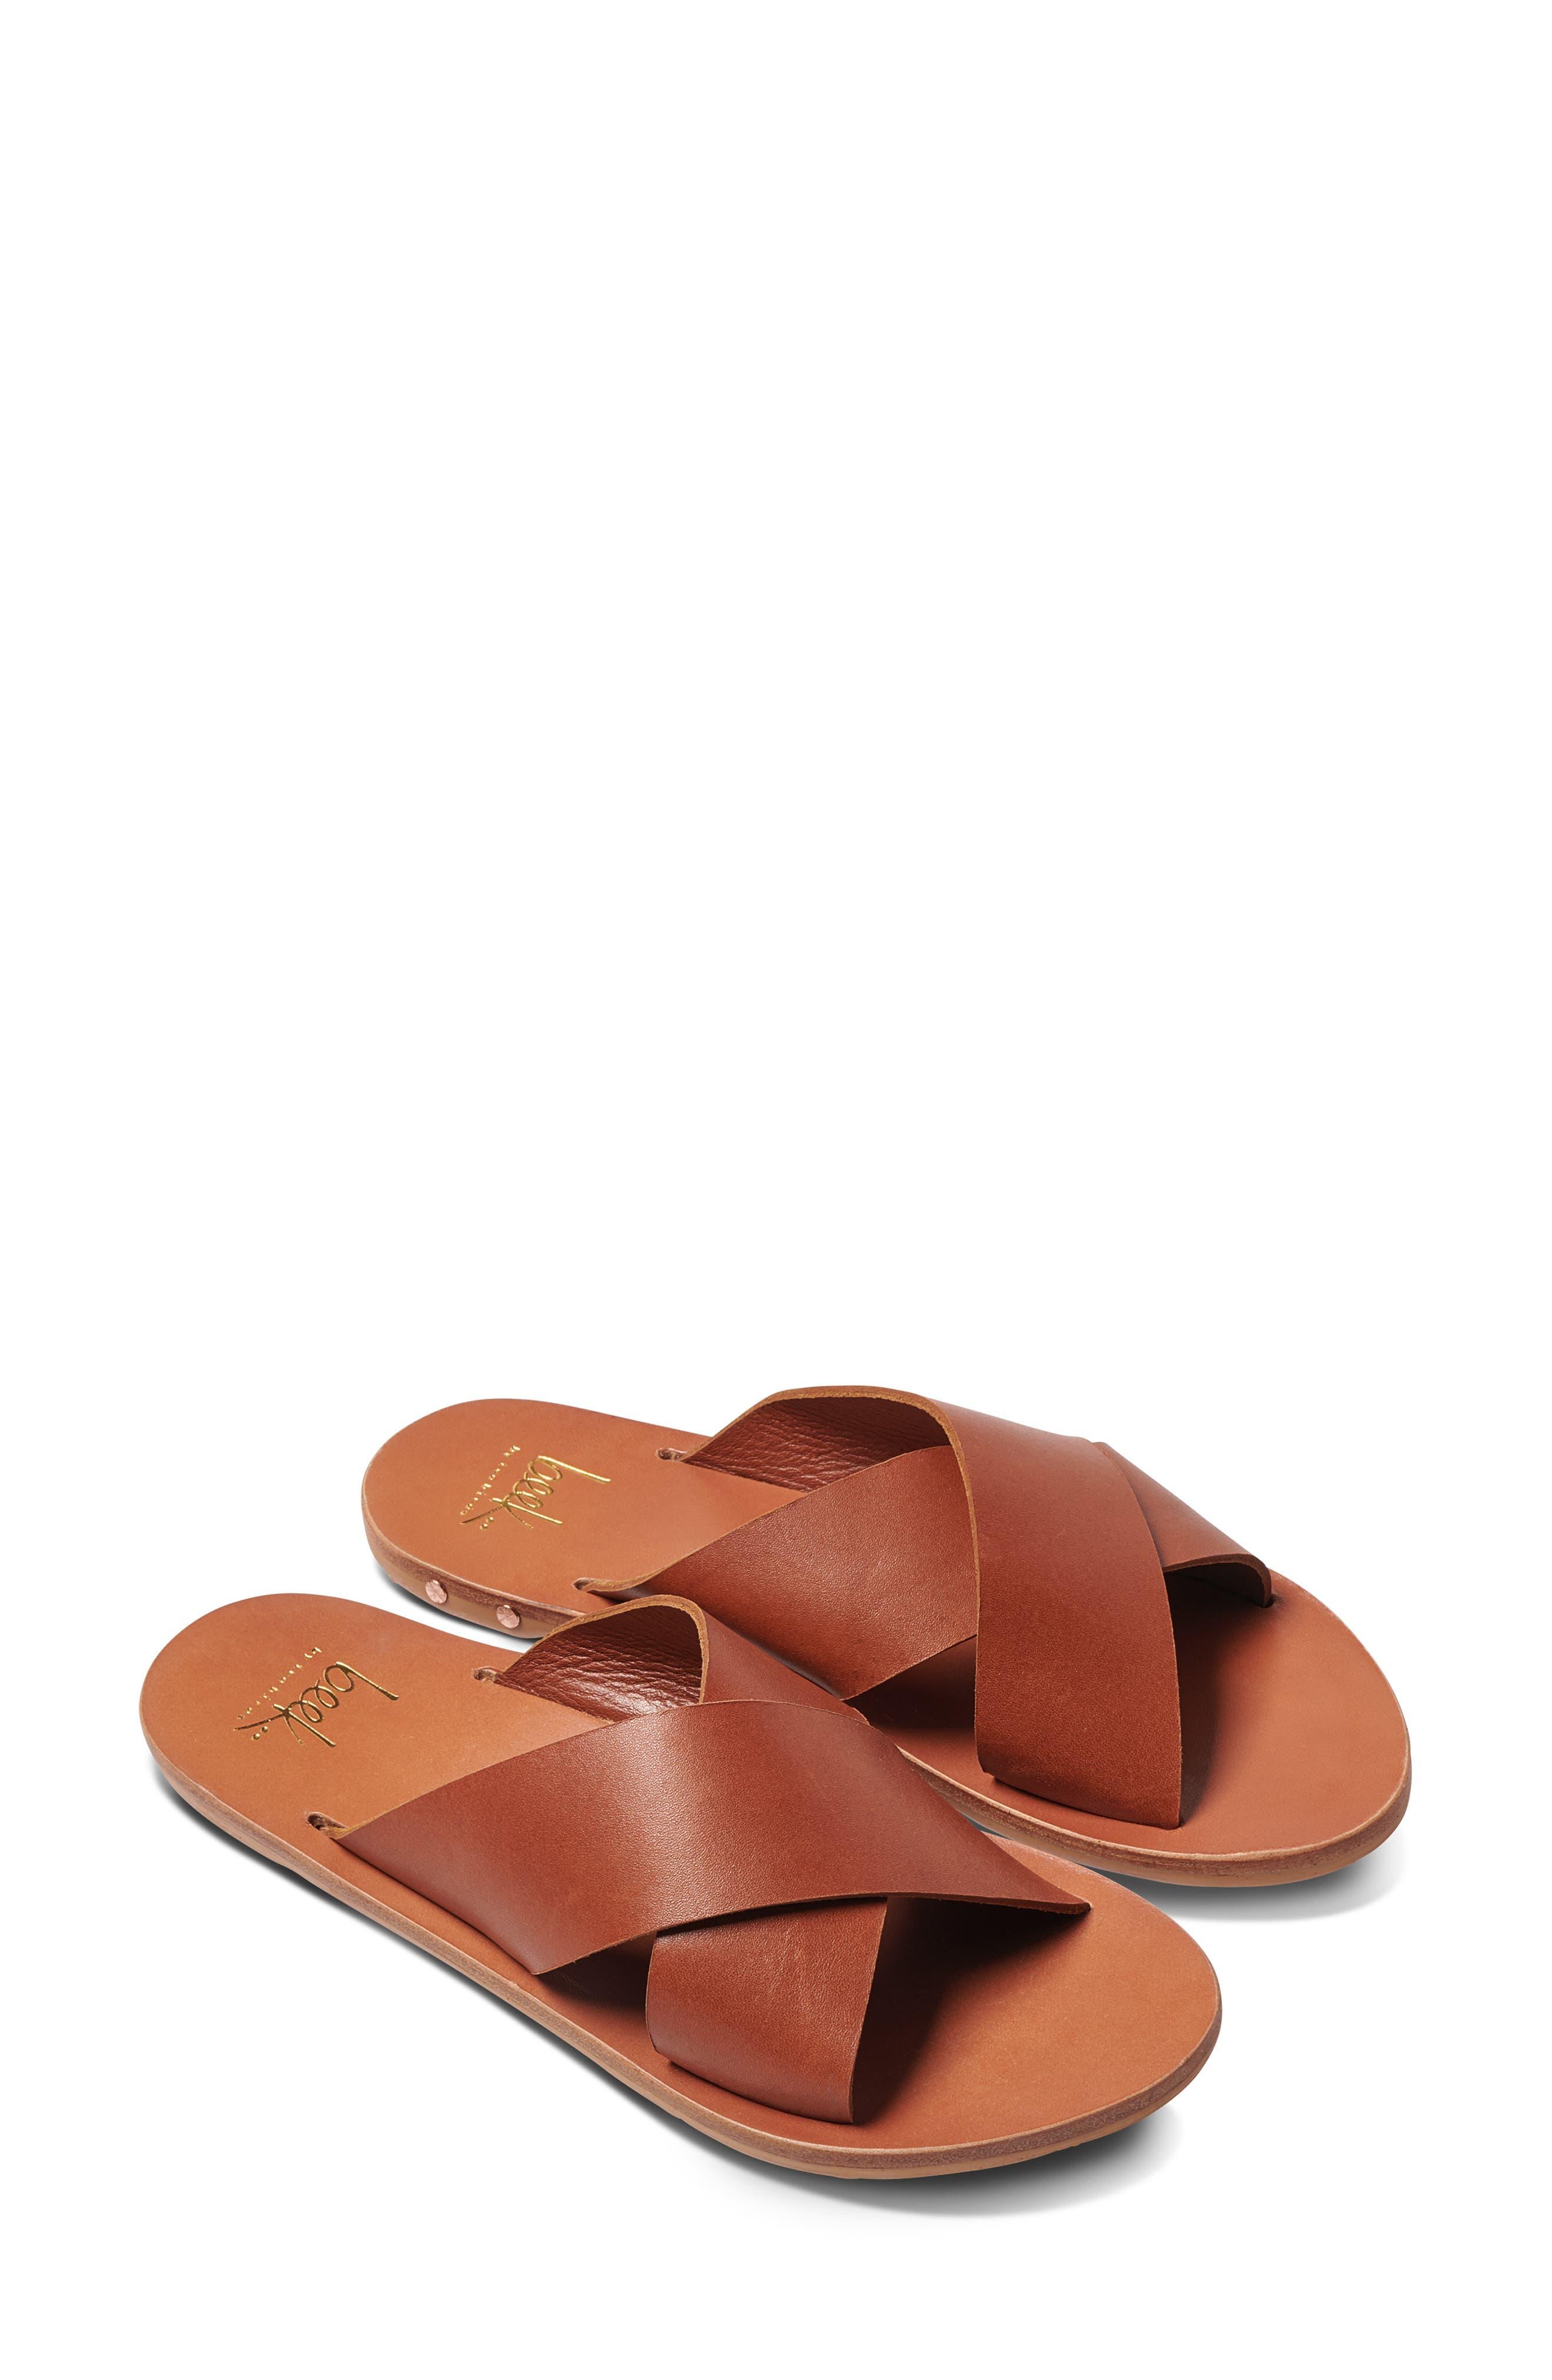 Palila Crisscross Slide Sandal